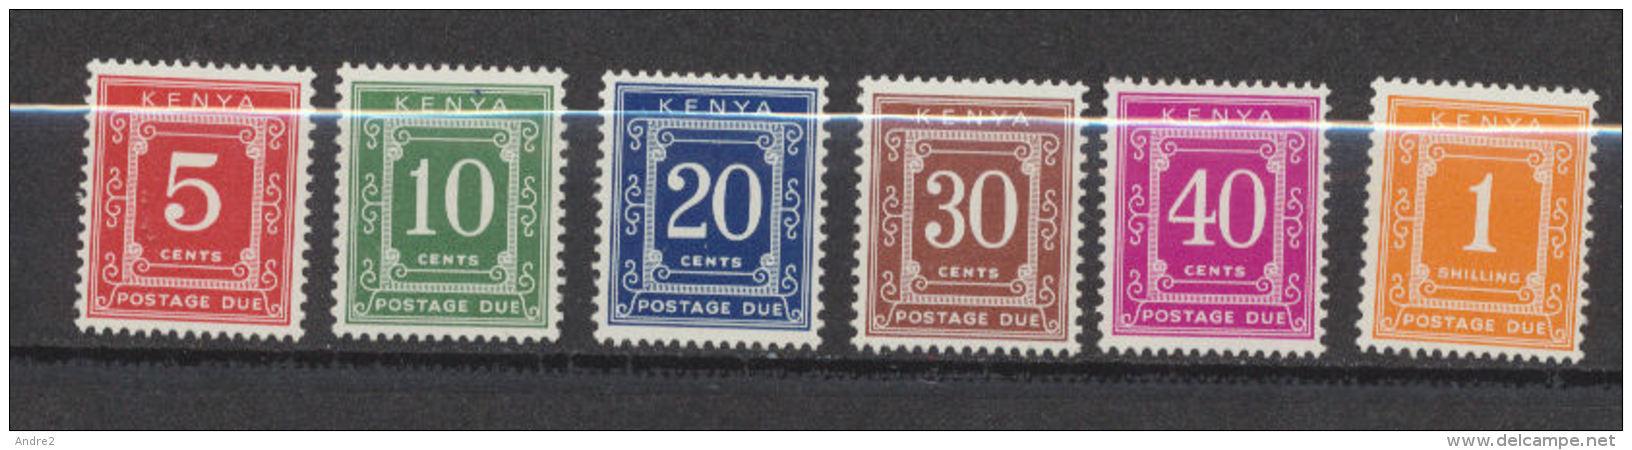 Kenya  1967 Timbres-Taxe  ***  MNH - Kenya (1963-...)